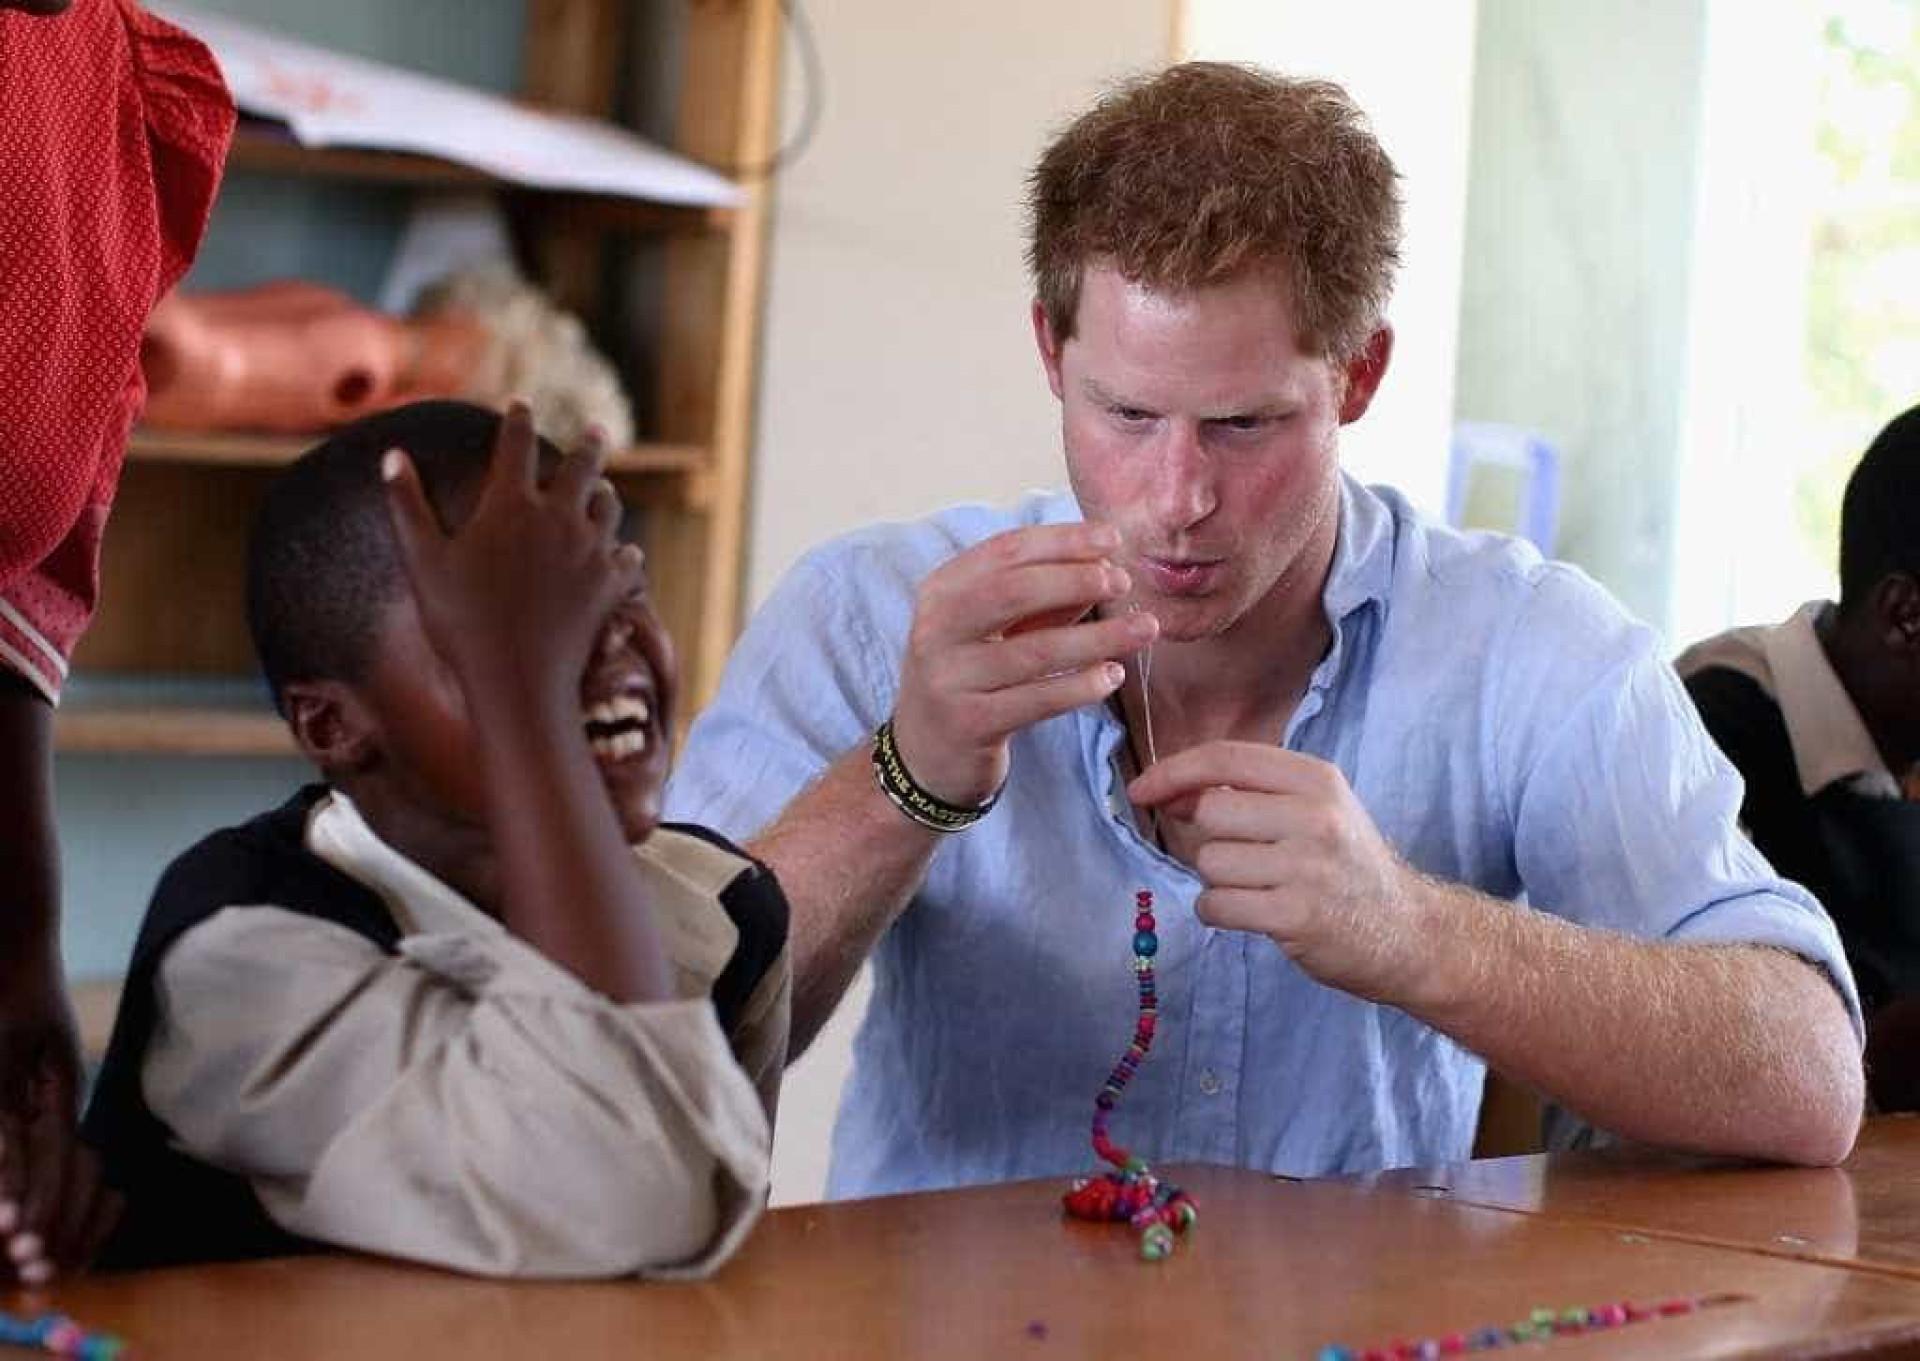 Príncipe Harry em momentos adoráveis com crianças